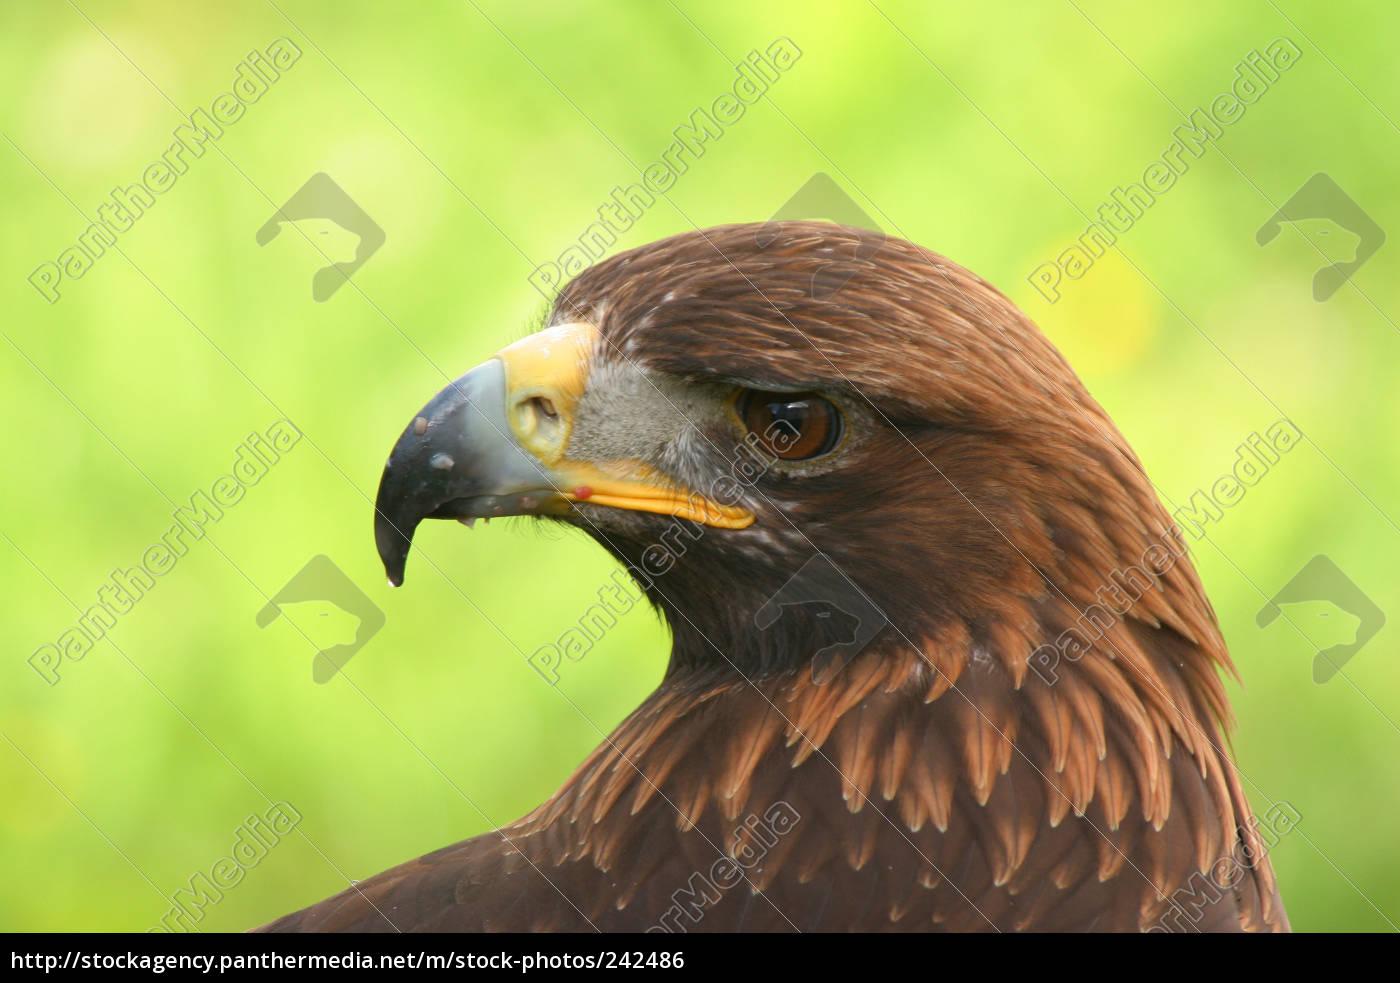 golden, eagle - 242486